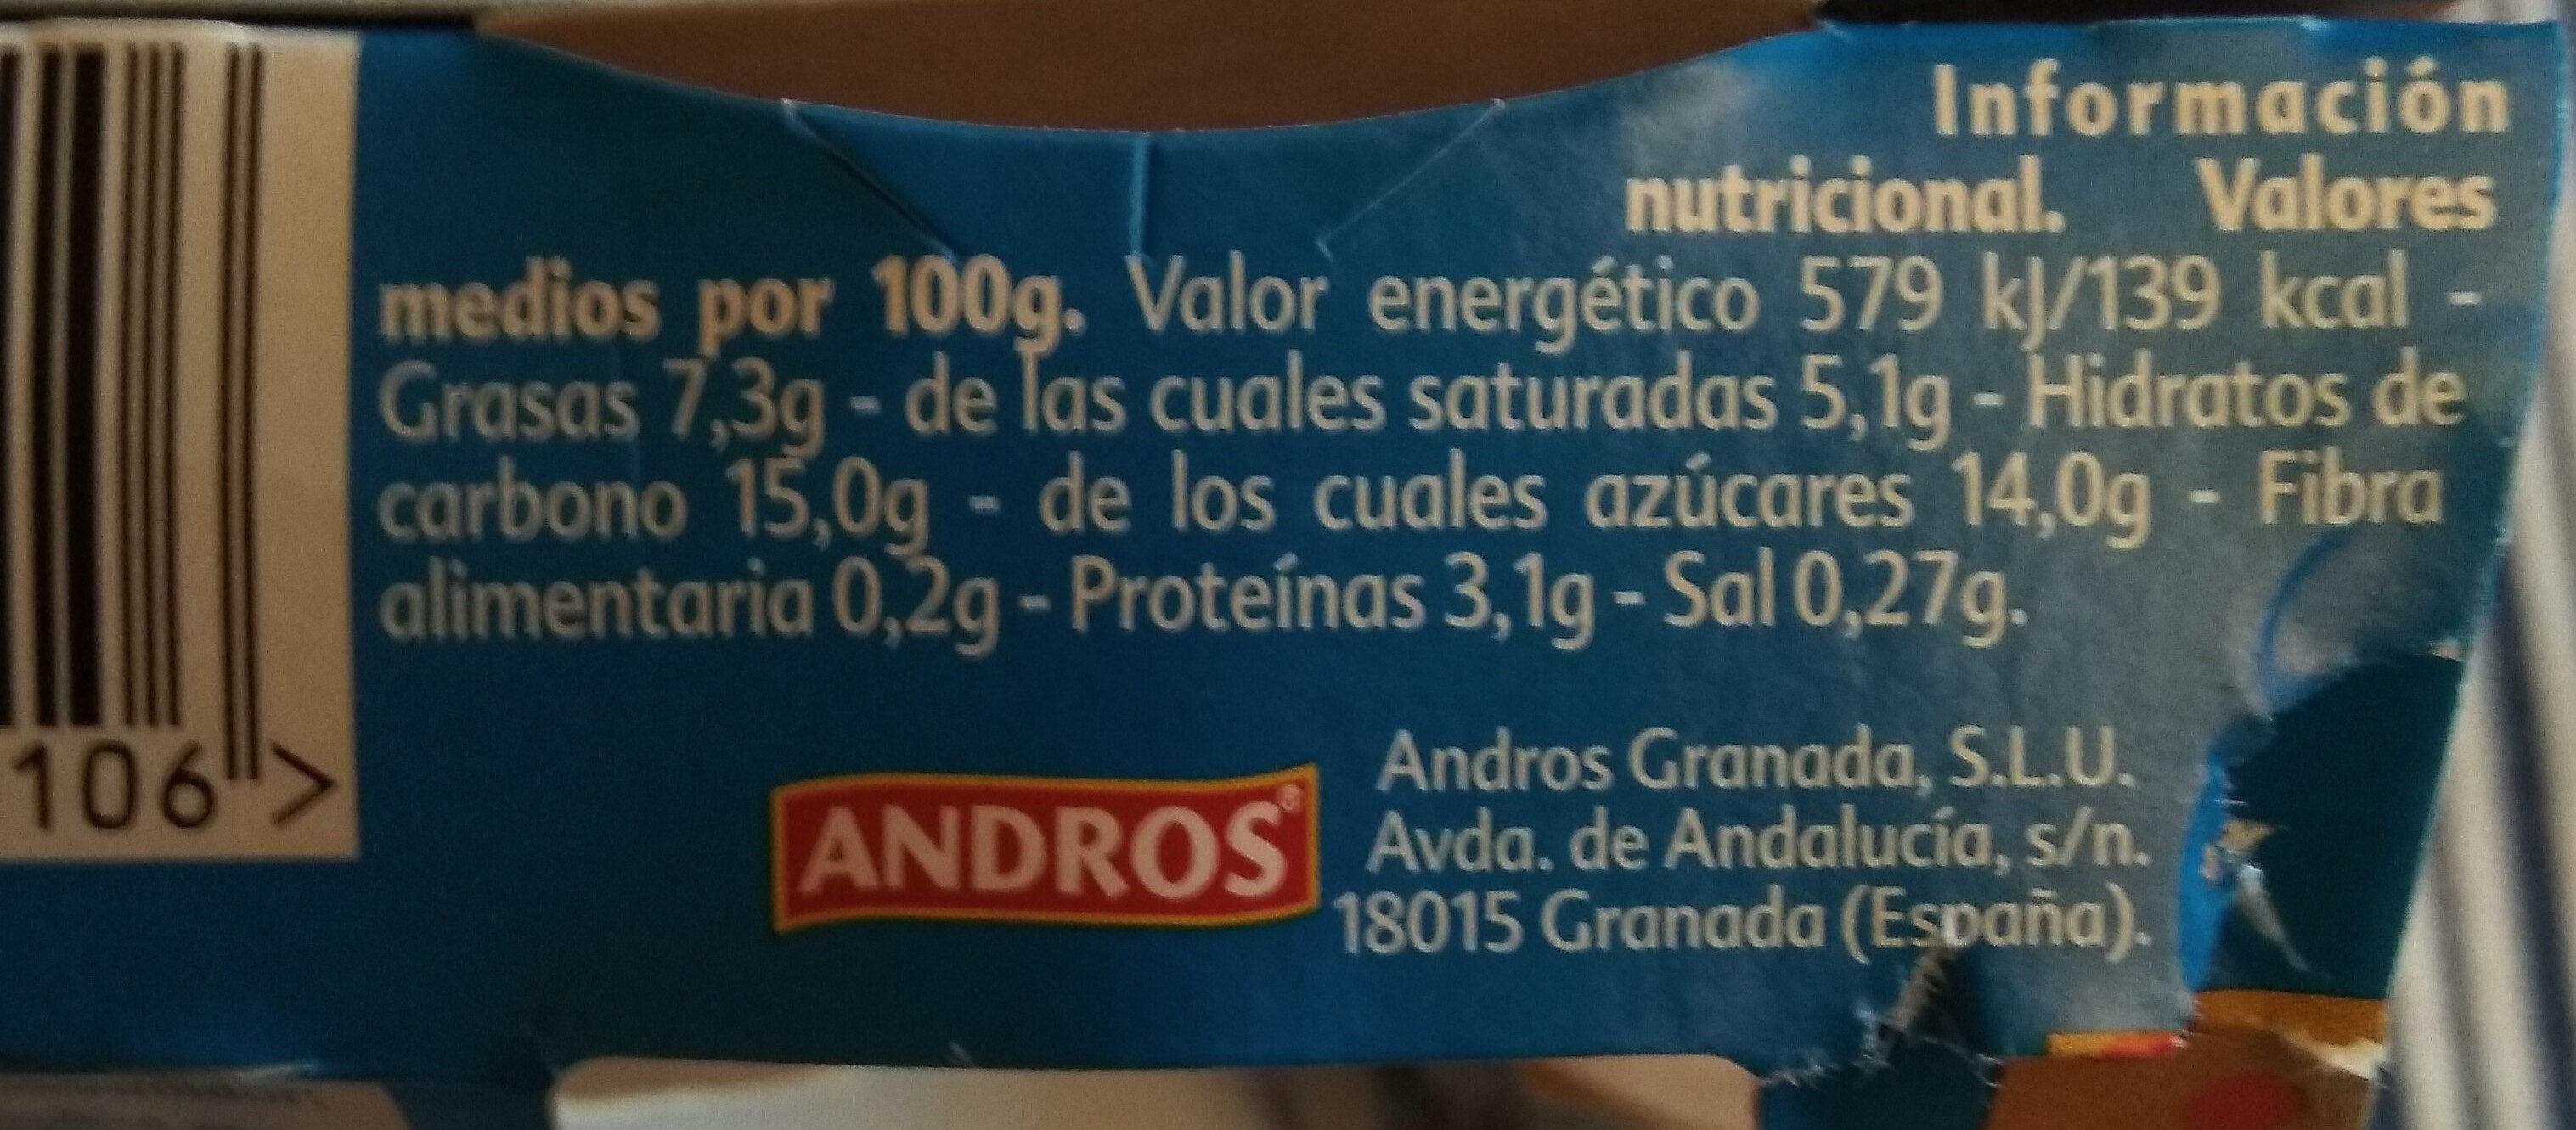 Yogur Gourmand - Información nutricional - es